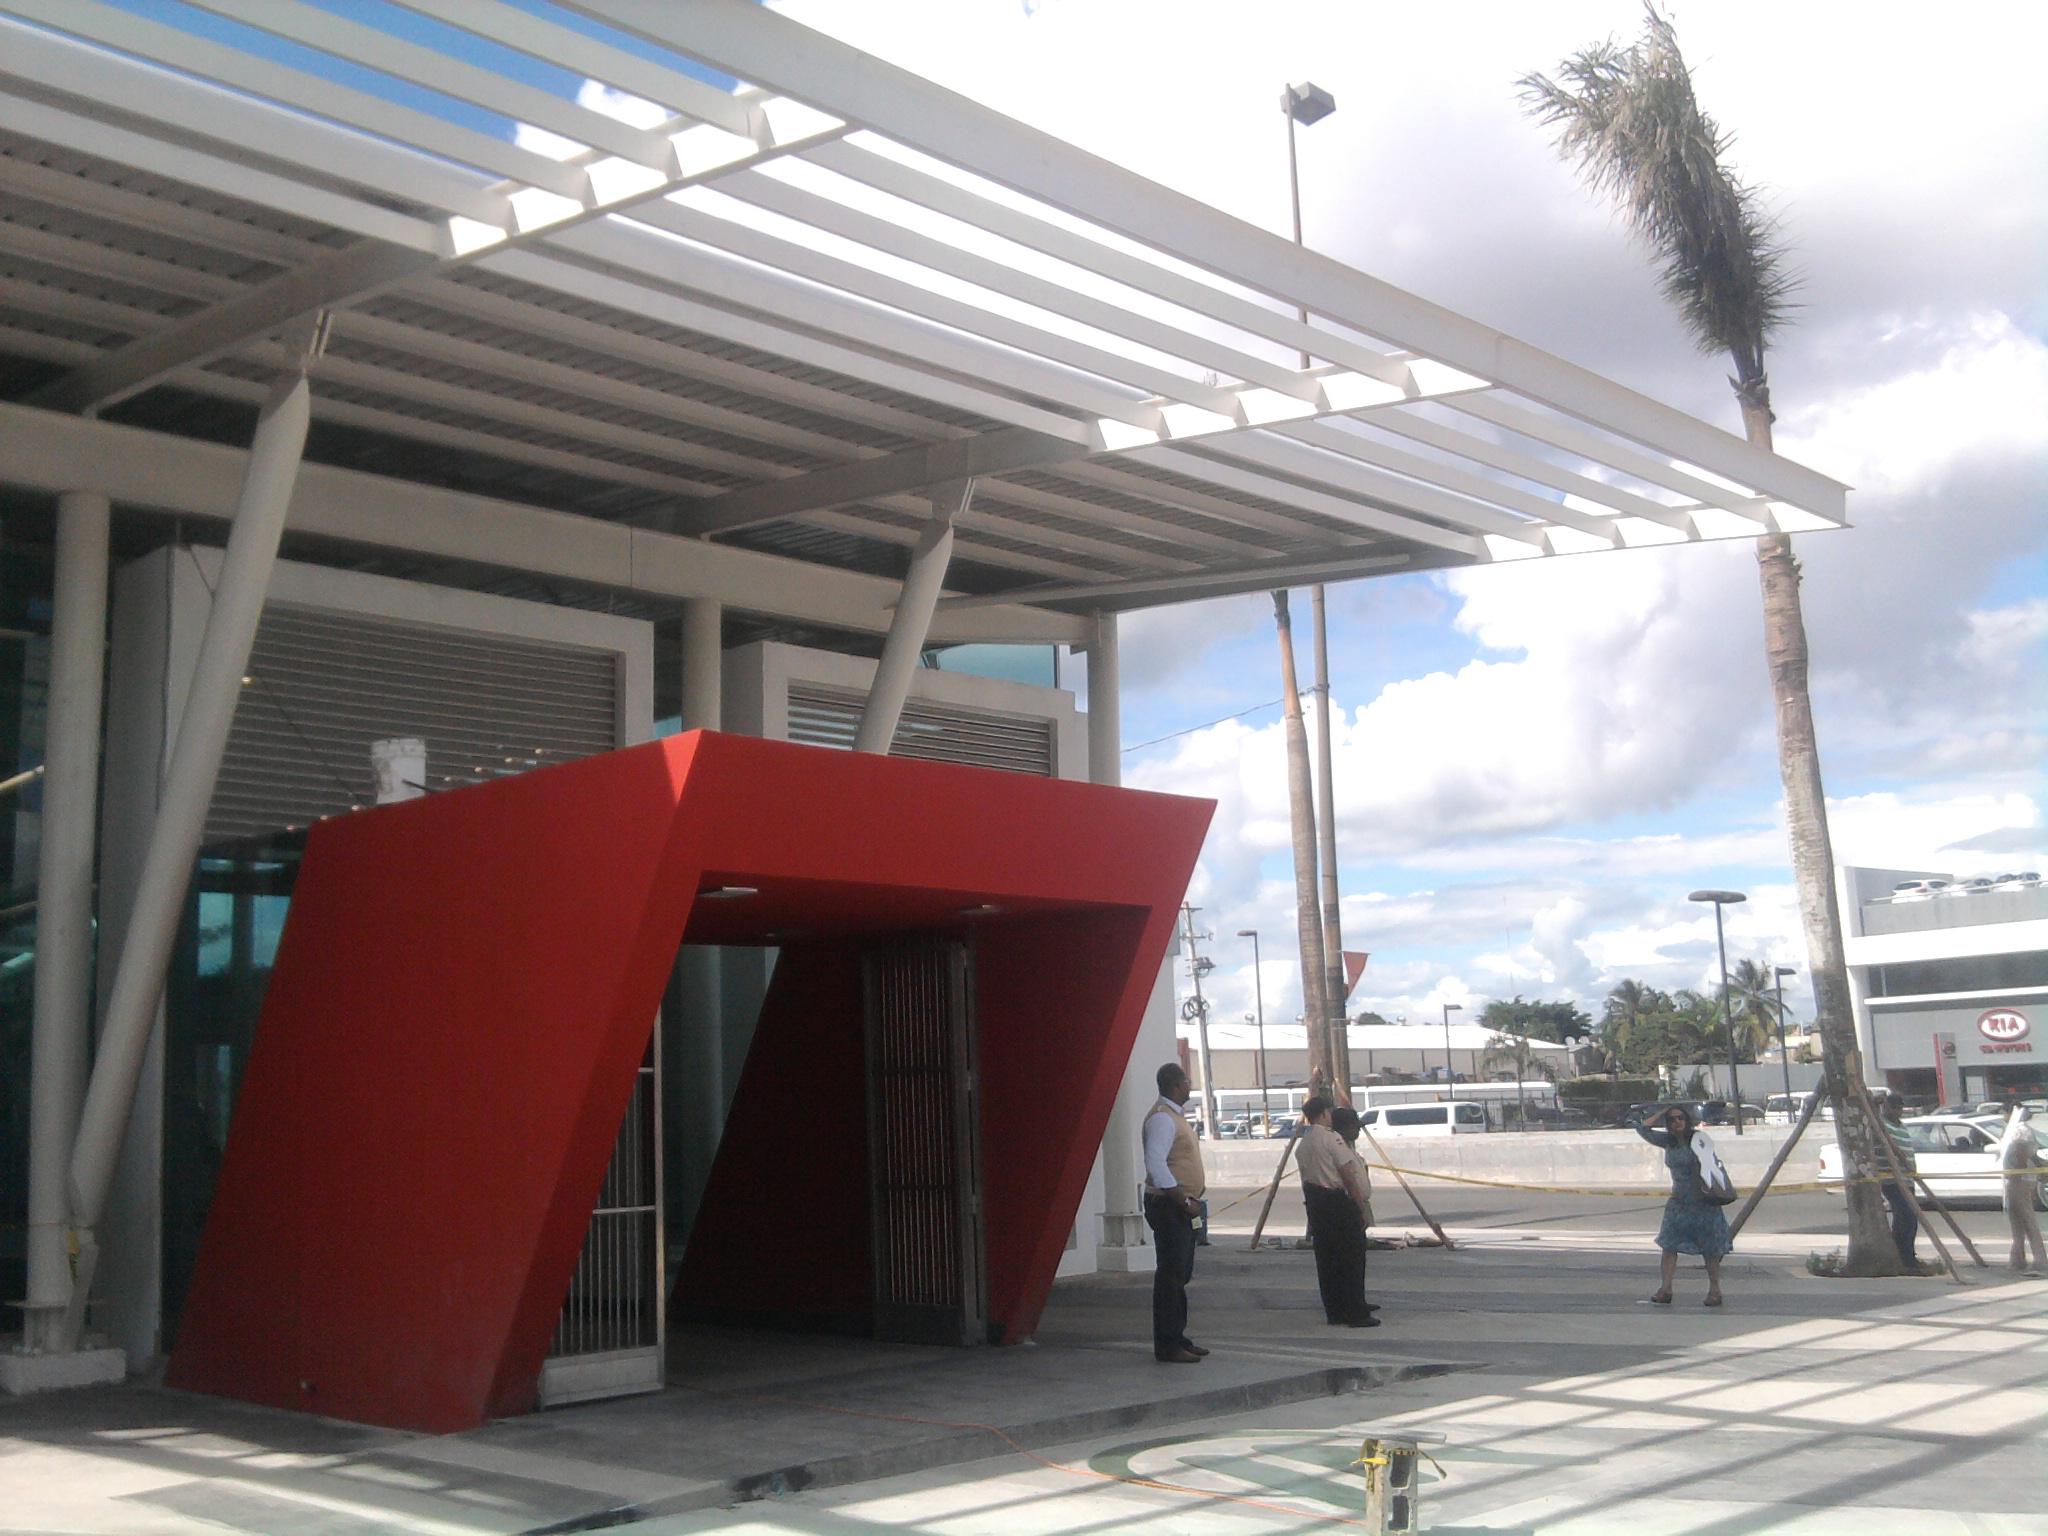 La estación 14 del metro de Santo Domingo, con un techo en estructura metálica y entrada color rojo.